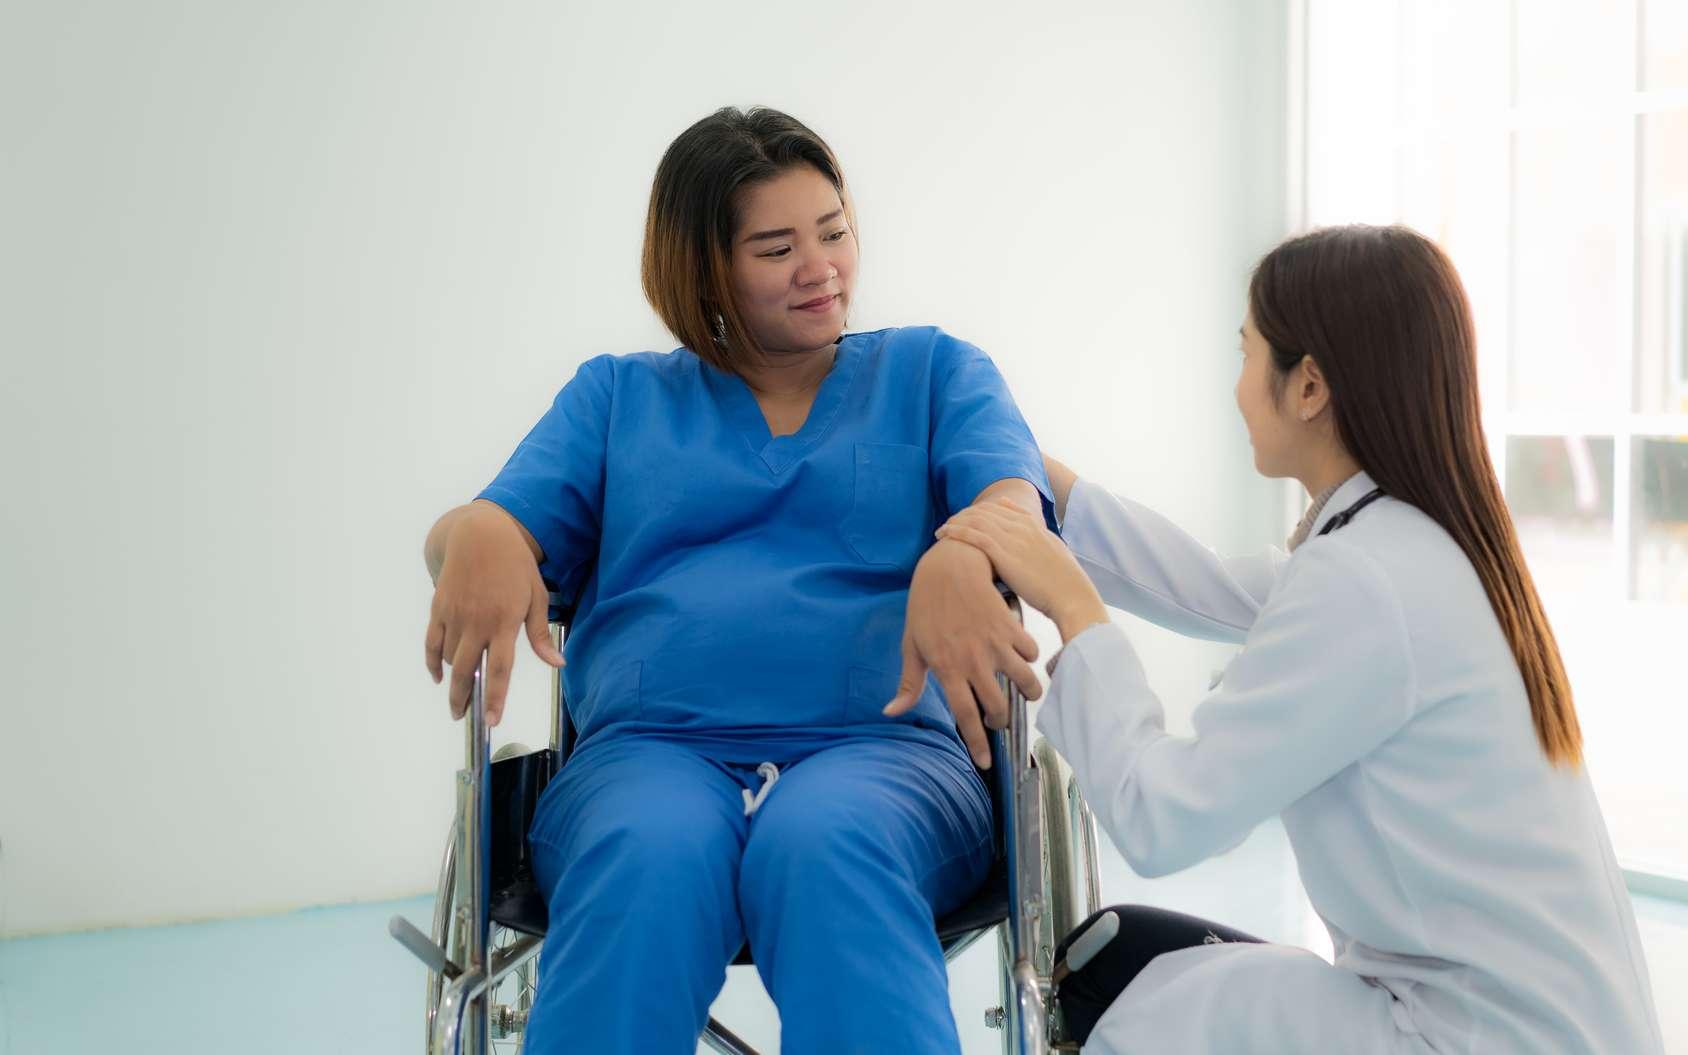 Une soignante fait preuve d'empathie envers sa patiente. © ake1150, Fotolia